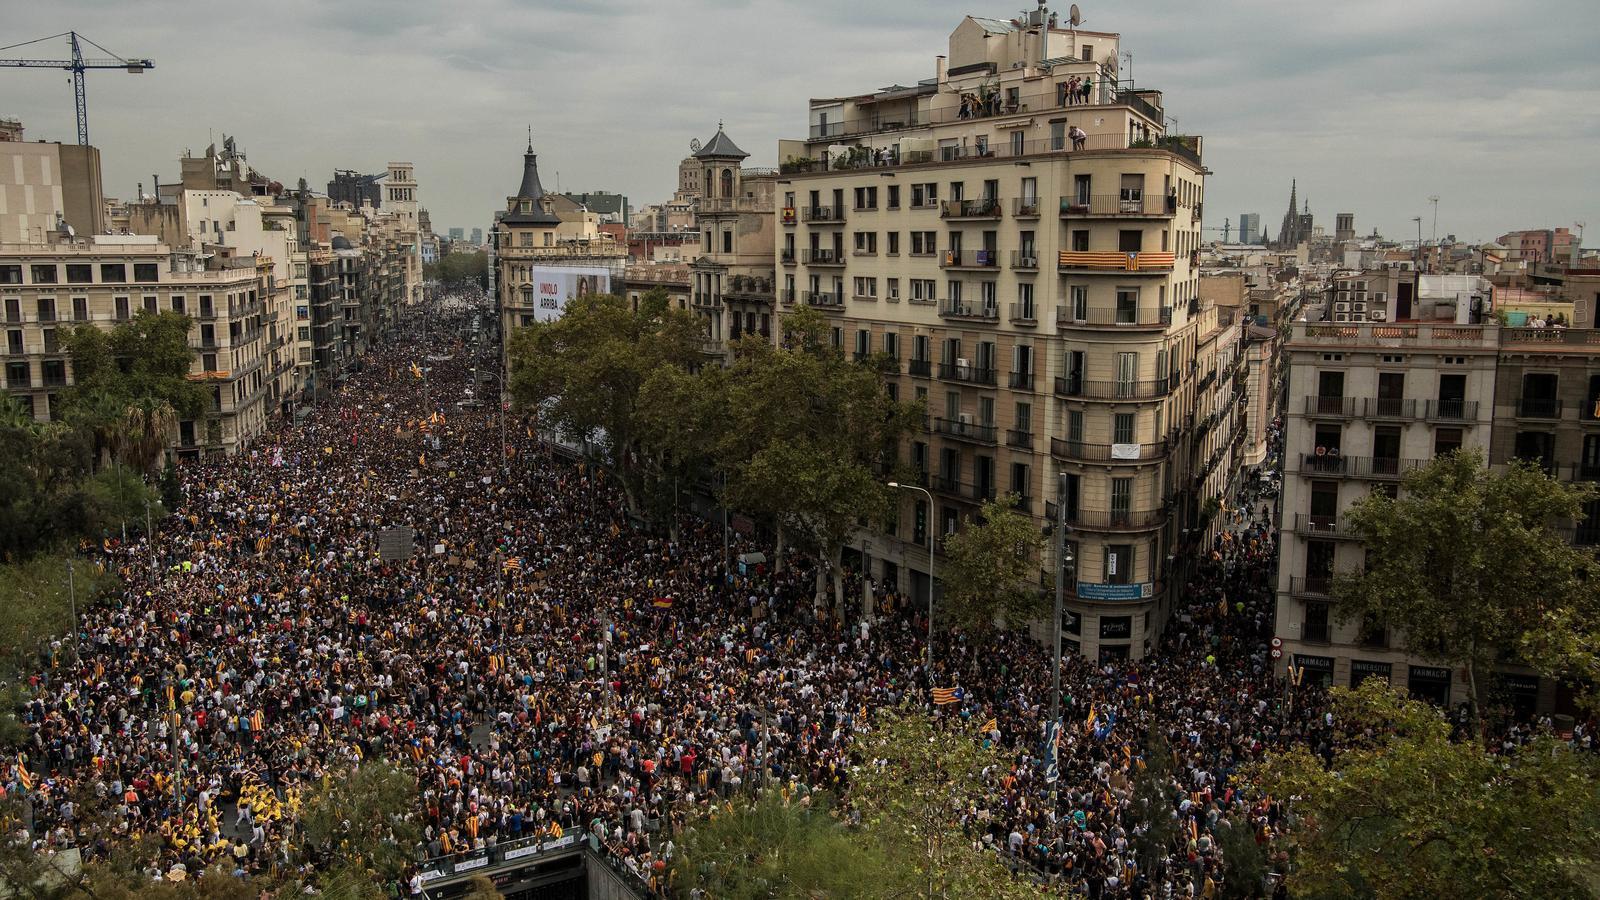 La intersindical csc proposa una nova vaga general d 39 una - Placa universitat barcelona ...